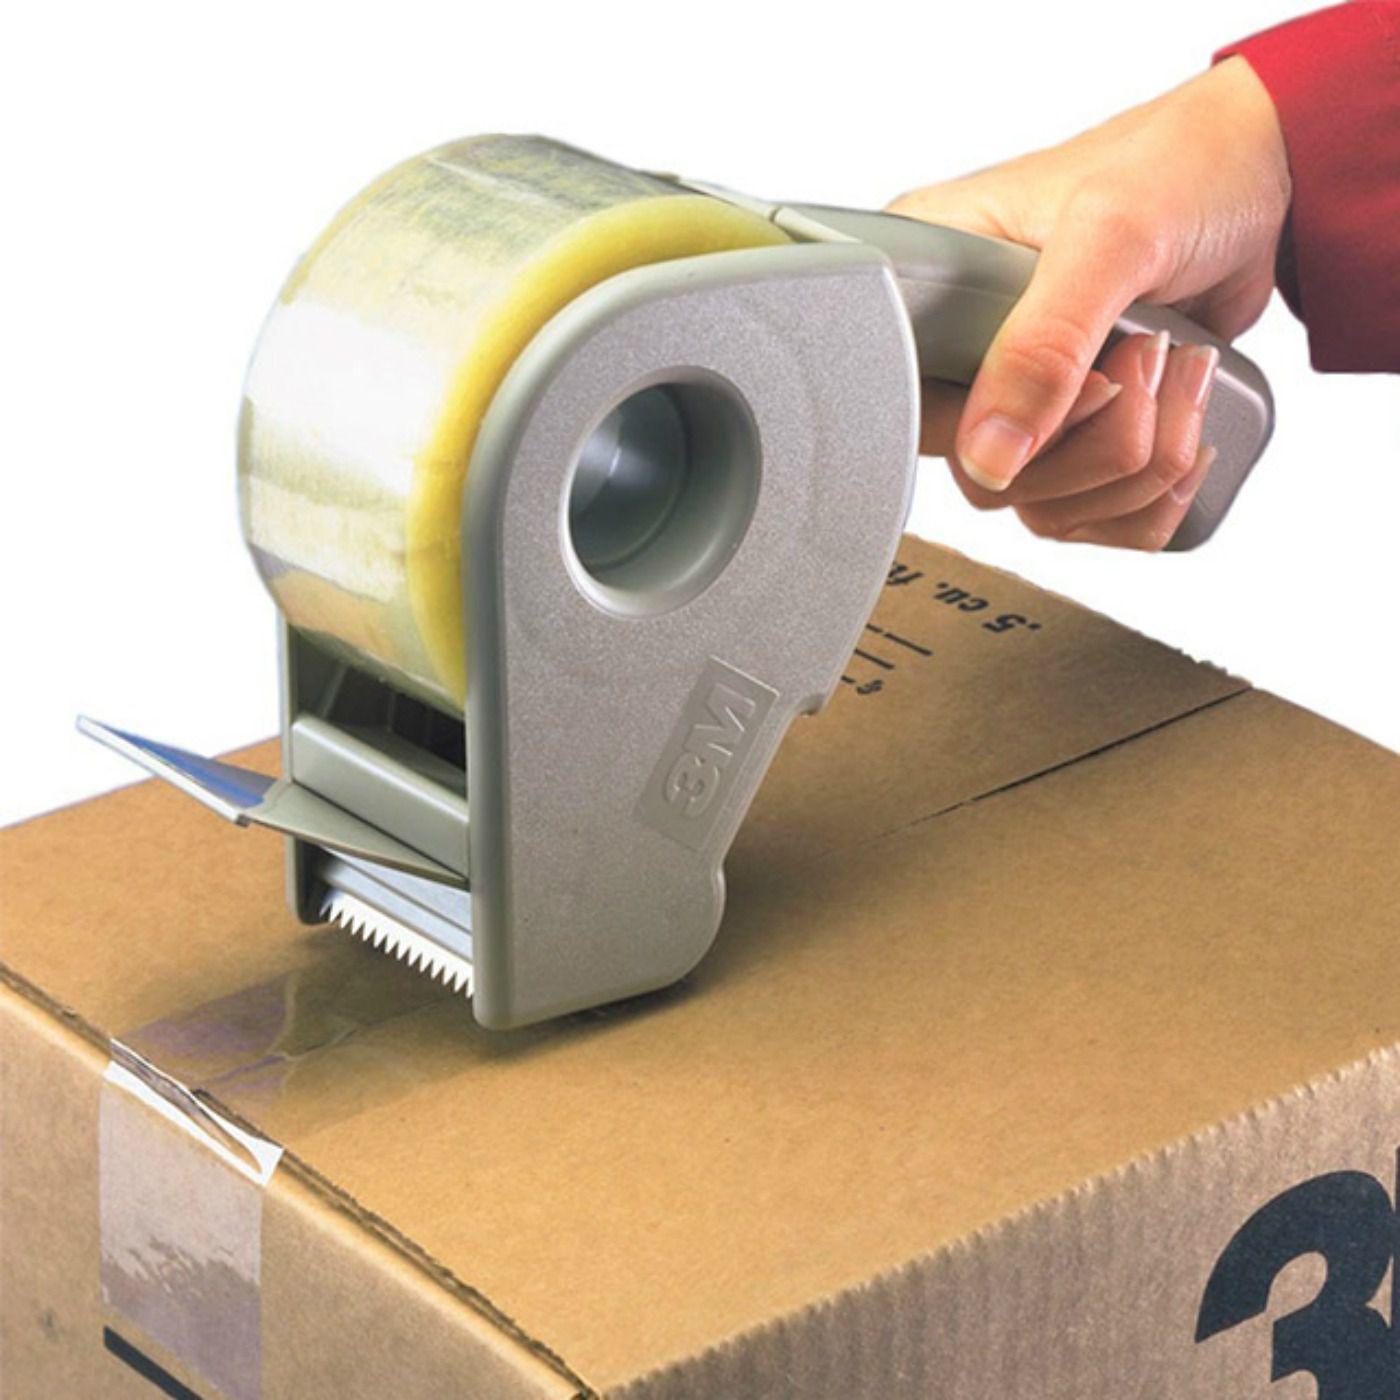 Fita Embalagem, Caixa de Papelão, Plásticos, Papelaria, Escritório Transparente Adelbras  Rolo De 4,8cm x 100m  - Rea Comércio - Sua Loja Completa!